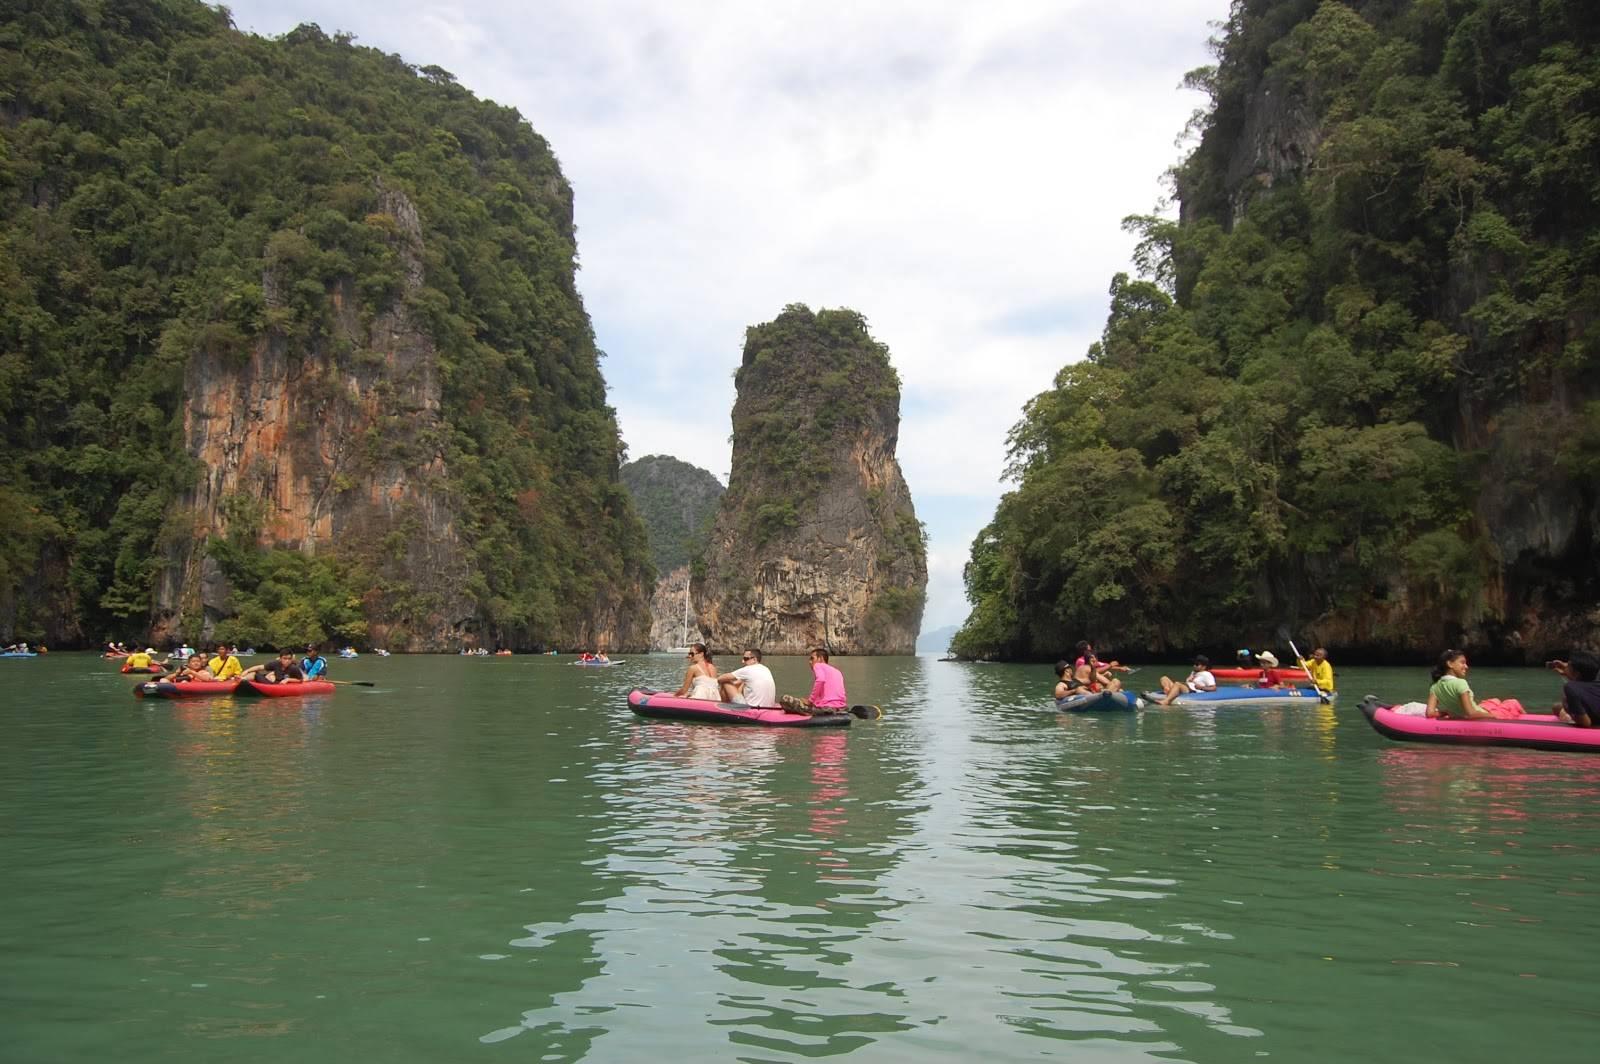 Что выбрать малайзию или тайланд где чище и лучше куда ехать отдыхать